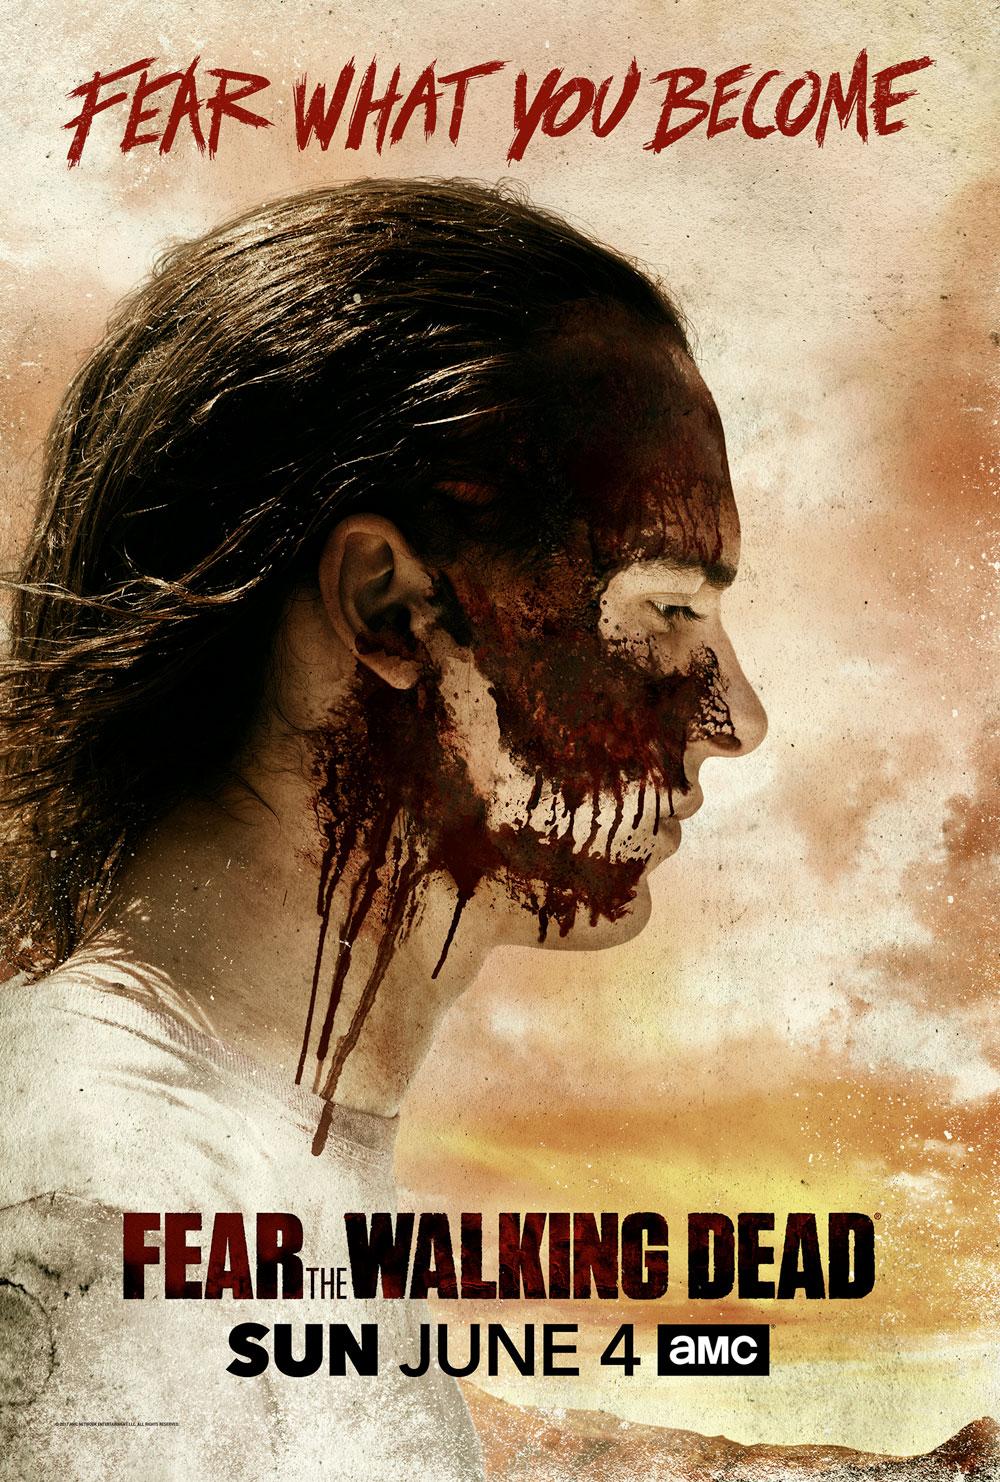 fearthewalkingdead season3banner - Fear The Walking Dead's Season 3 Release Date, Plus New Trailer